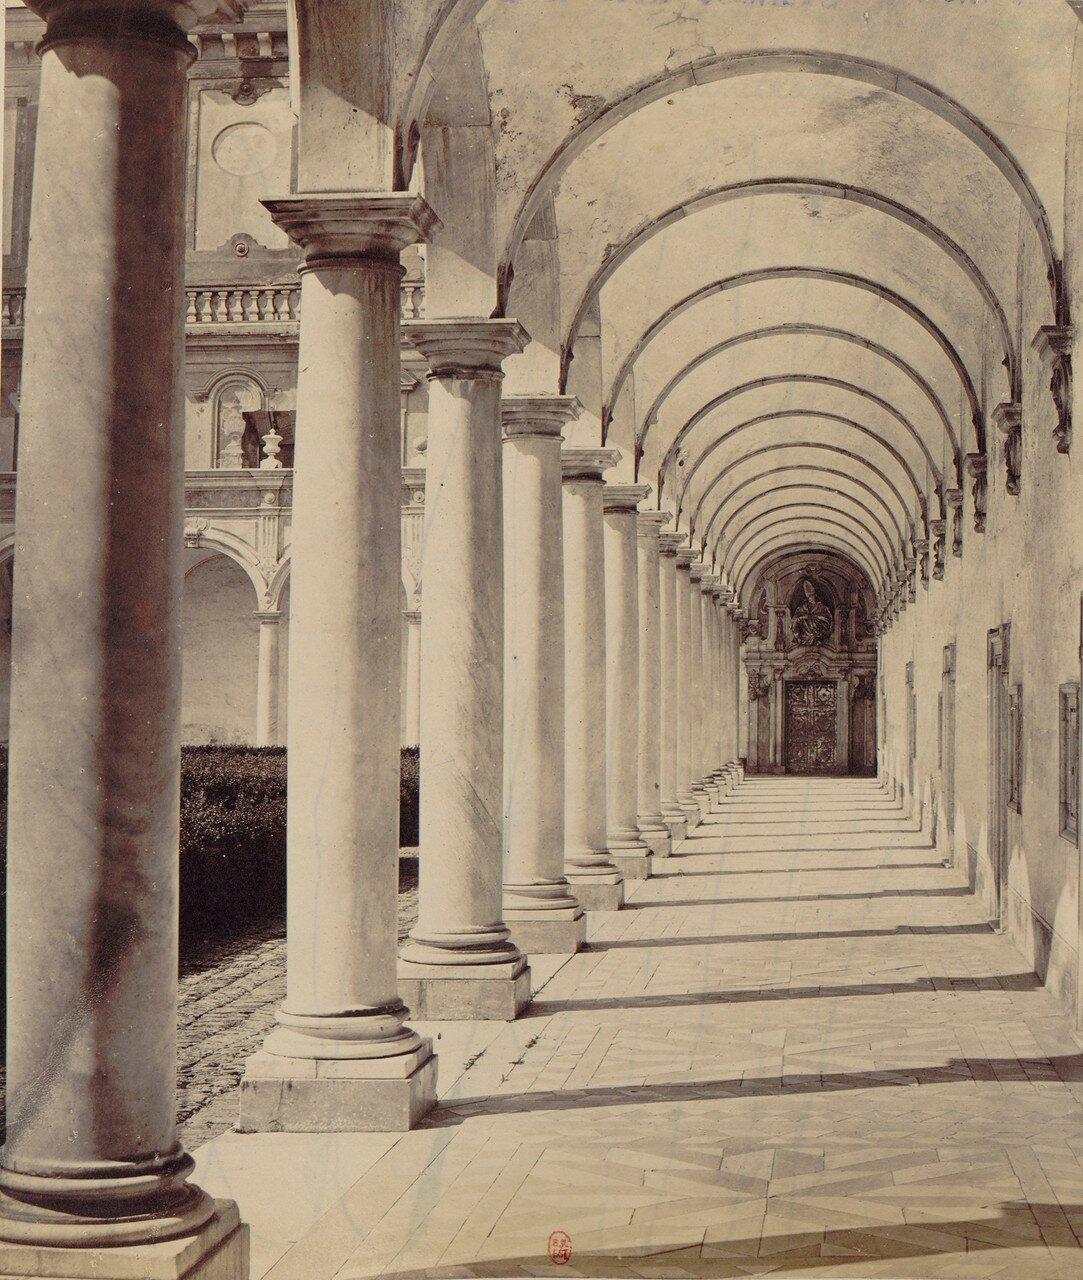 66. Картезианский монастырь святого Мартина. Галереи монастыря